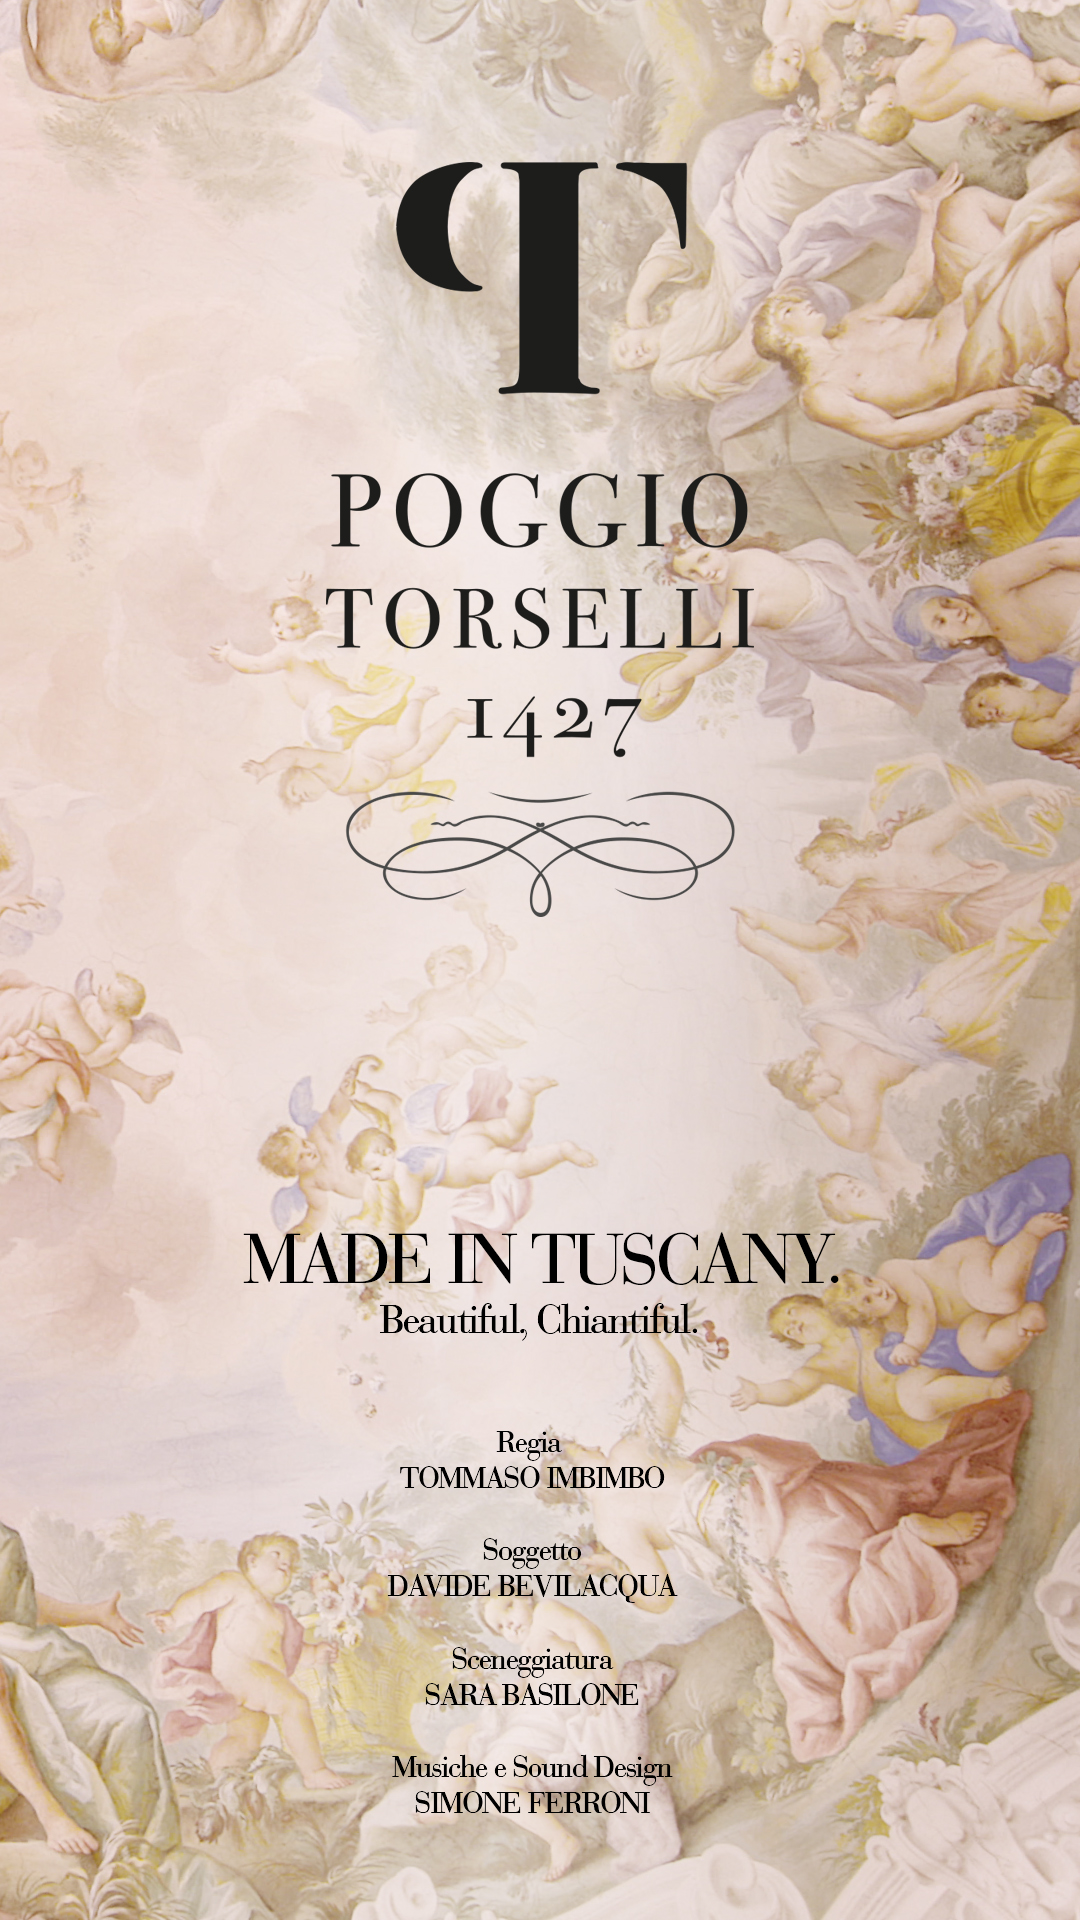 Carica la locandina: POGGIO-TORSELLI-locandina-verticale.jpg